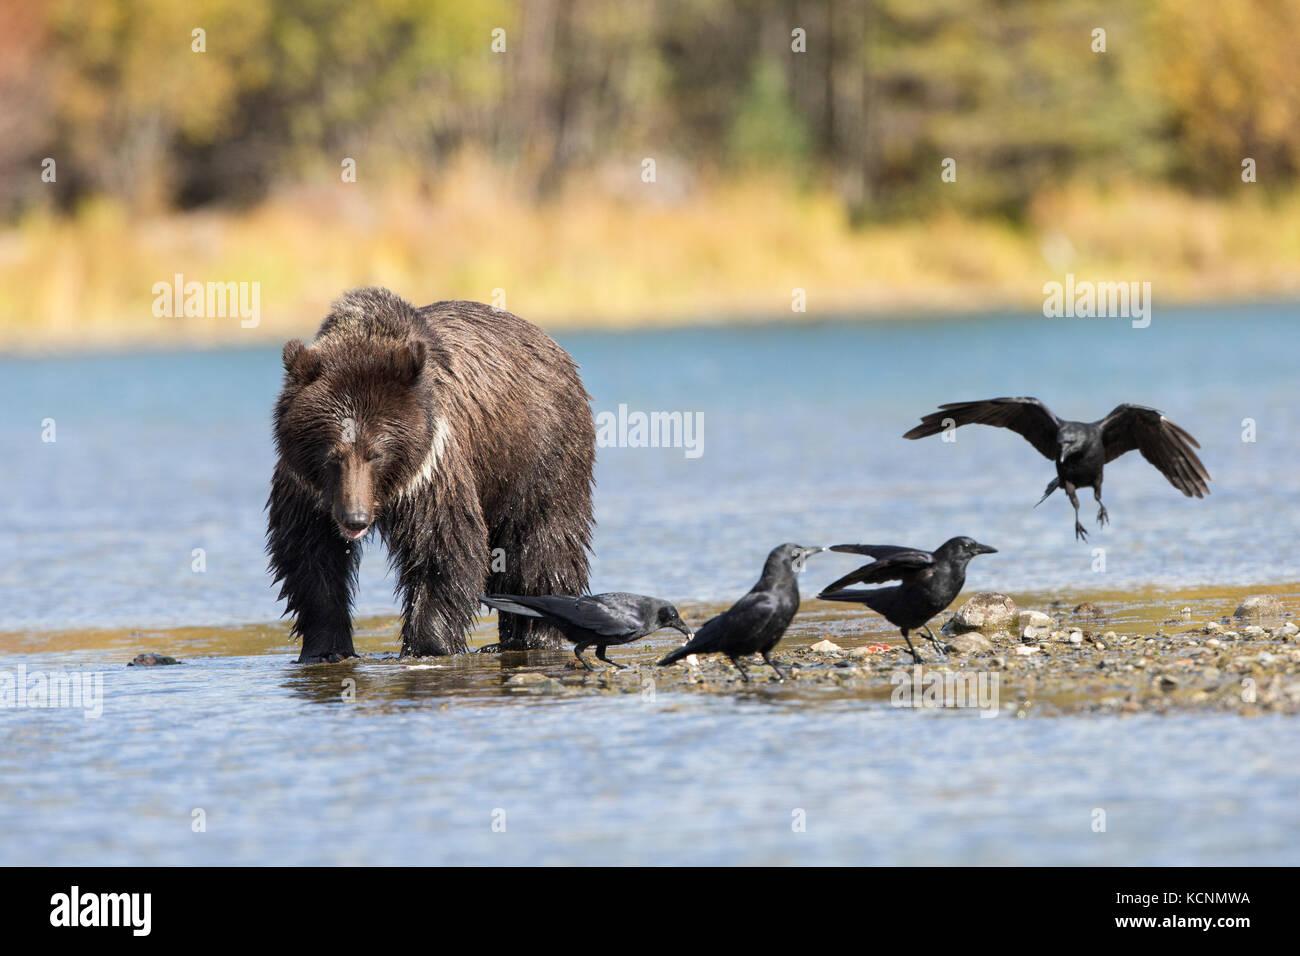 Grizzlybär (Ursus arctos Horribilis), zwei Jahre alten cub Essen sockeye Lachse (Oncorhynchus nerka) und Scavenging Stockbild